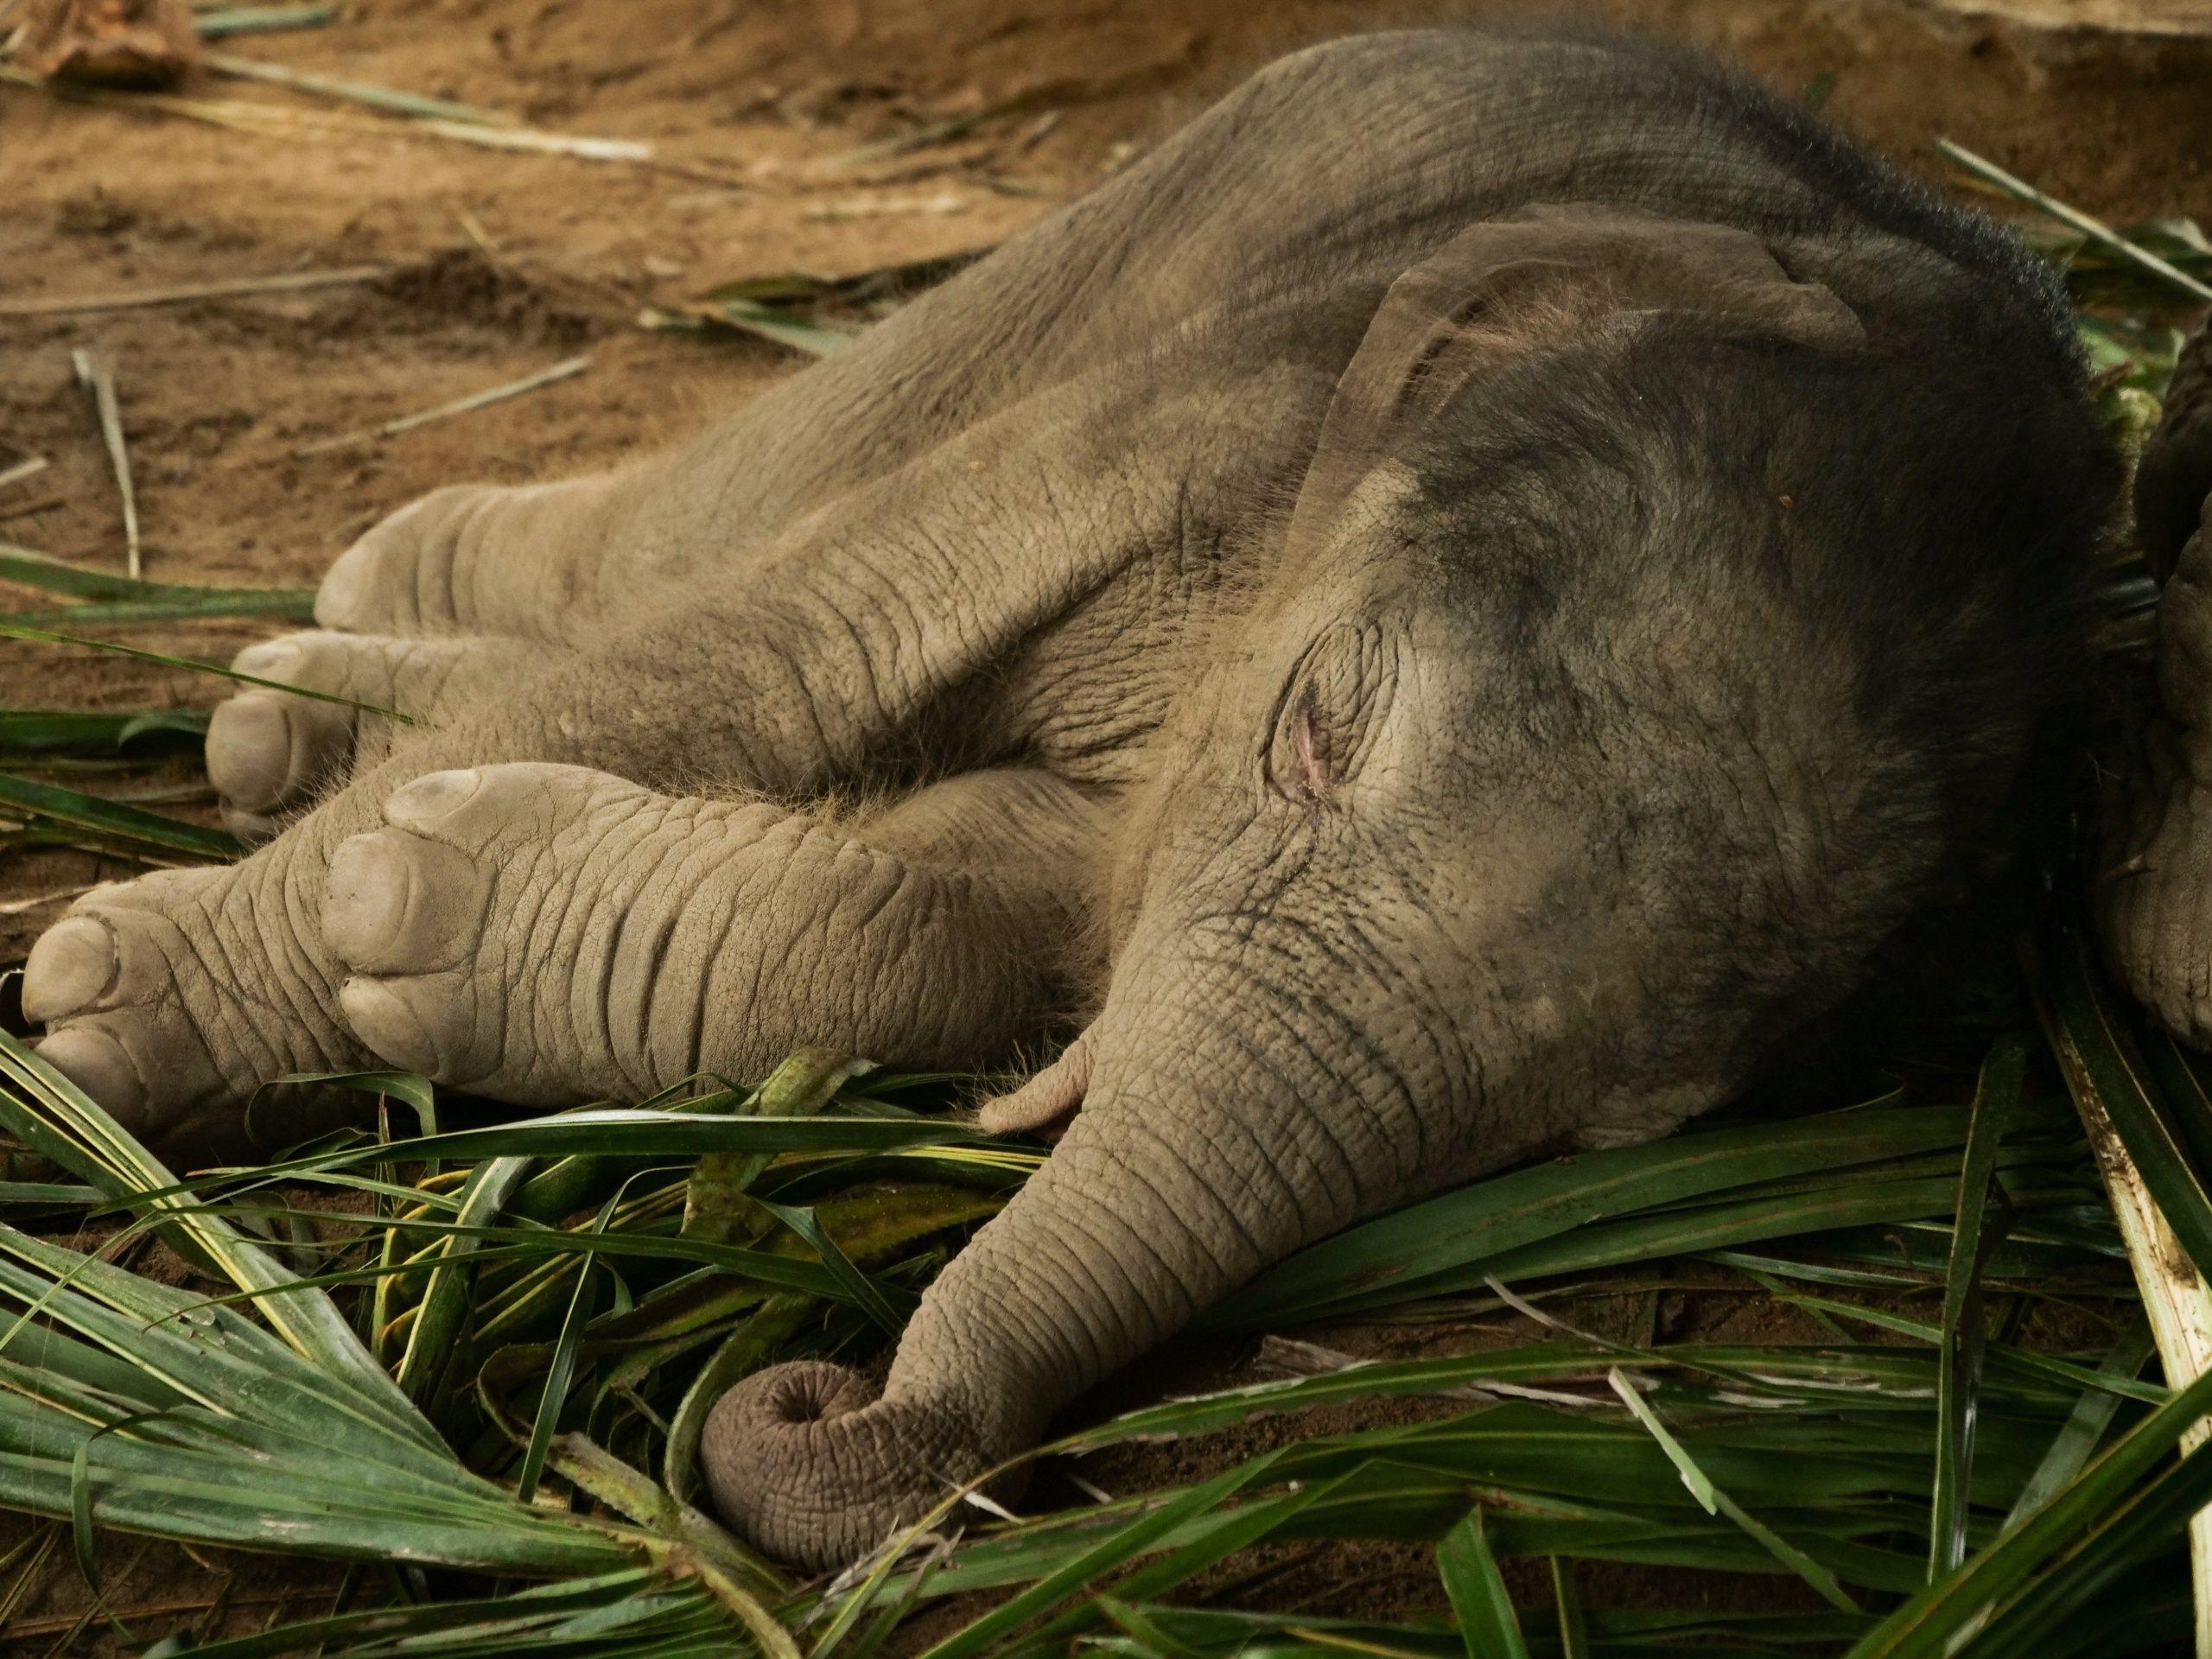 elephant_bebe_thailande_asie_chiang_mai_sanctuaire_elephanteau_dort